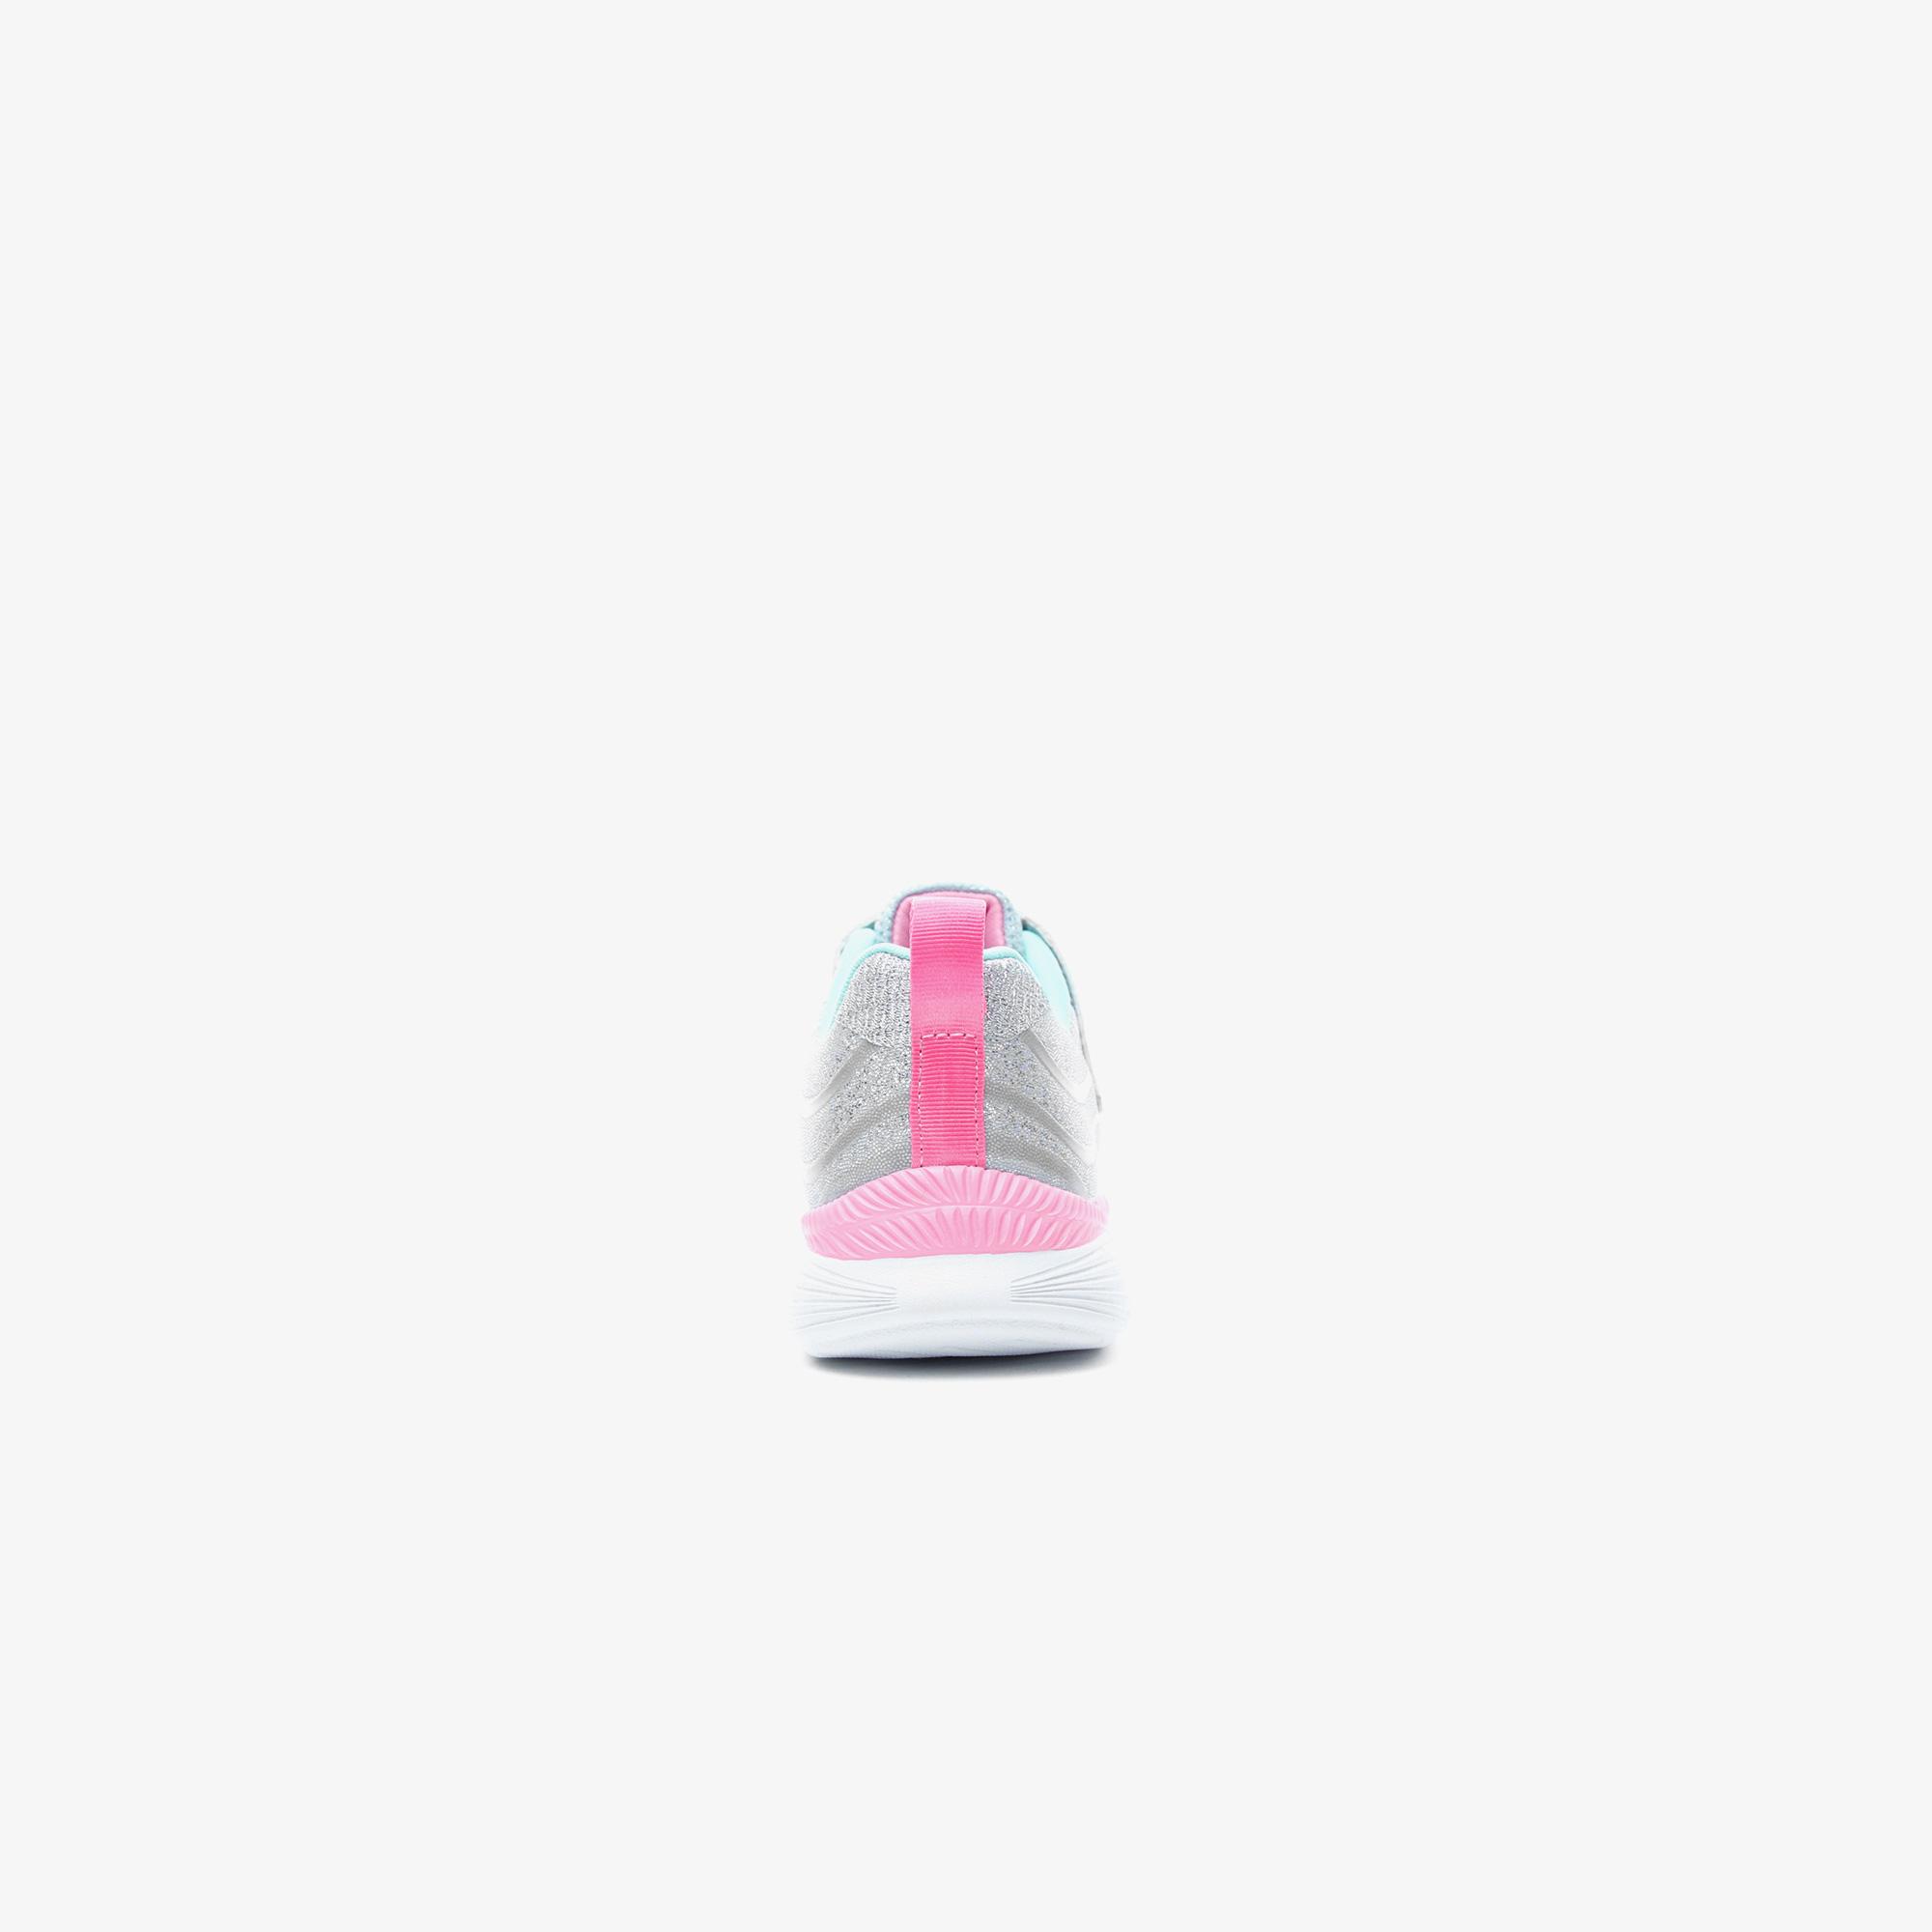 Skechers Move 'N Groove Çocuk Gri Spor Ayakkabı